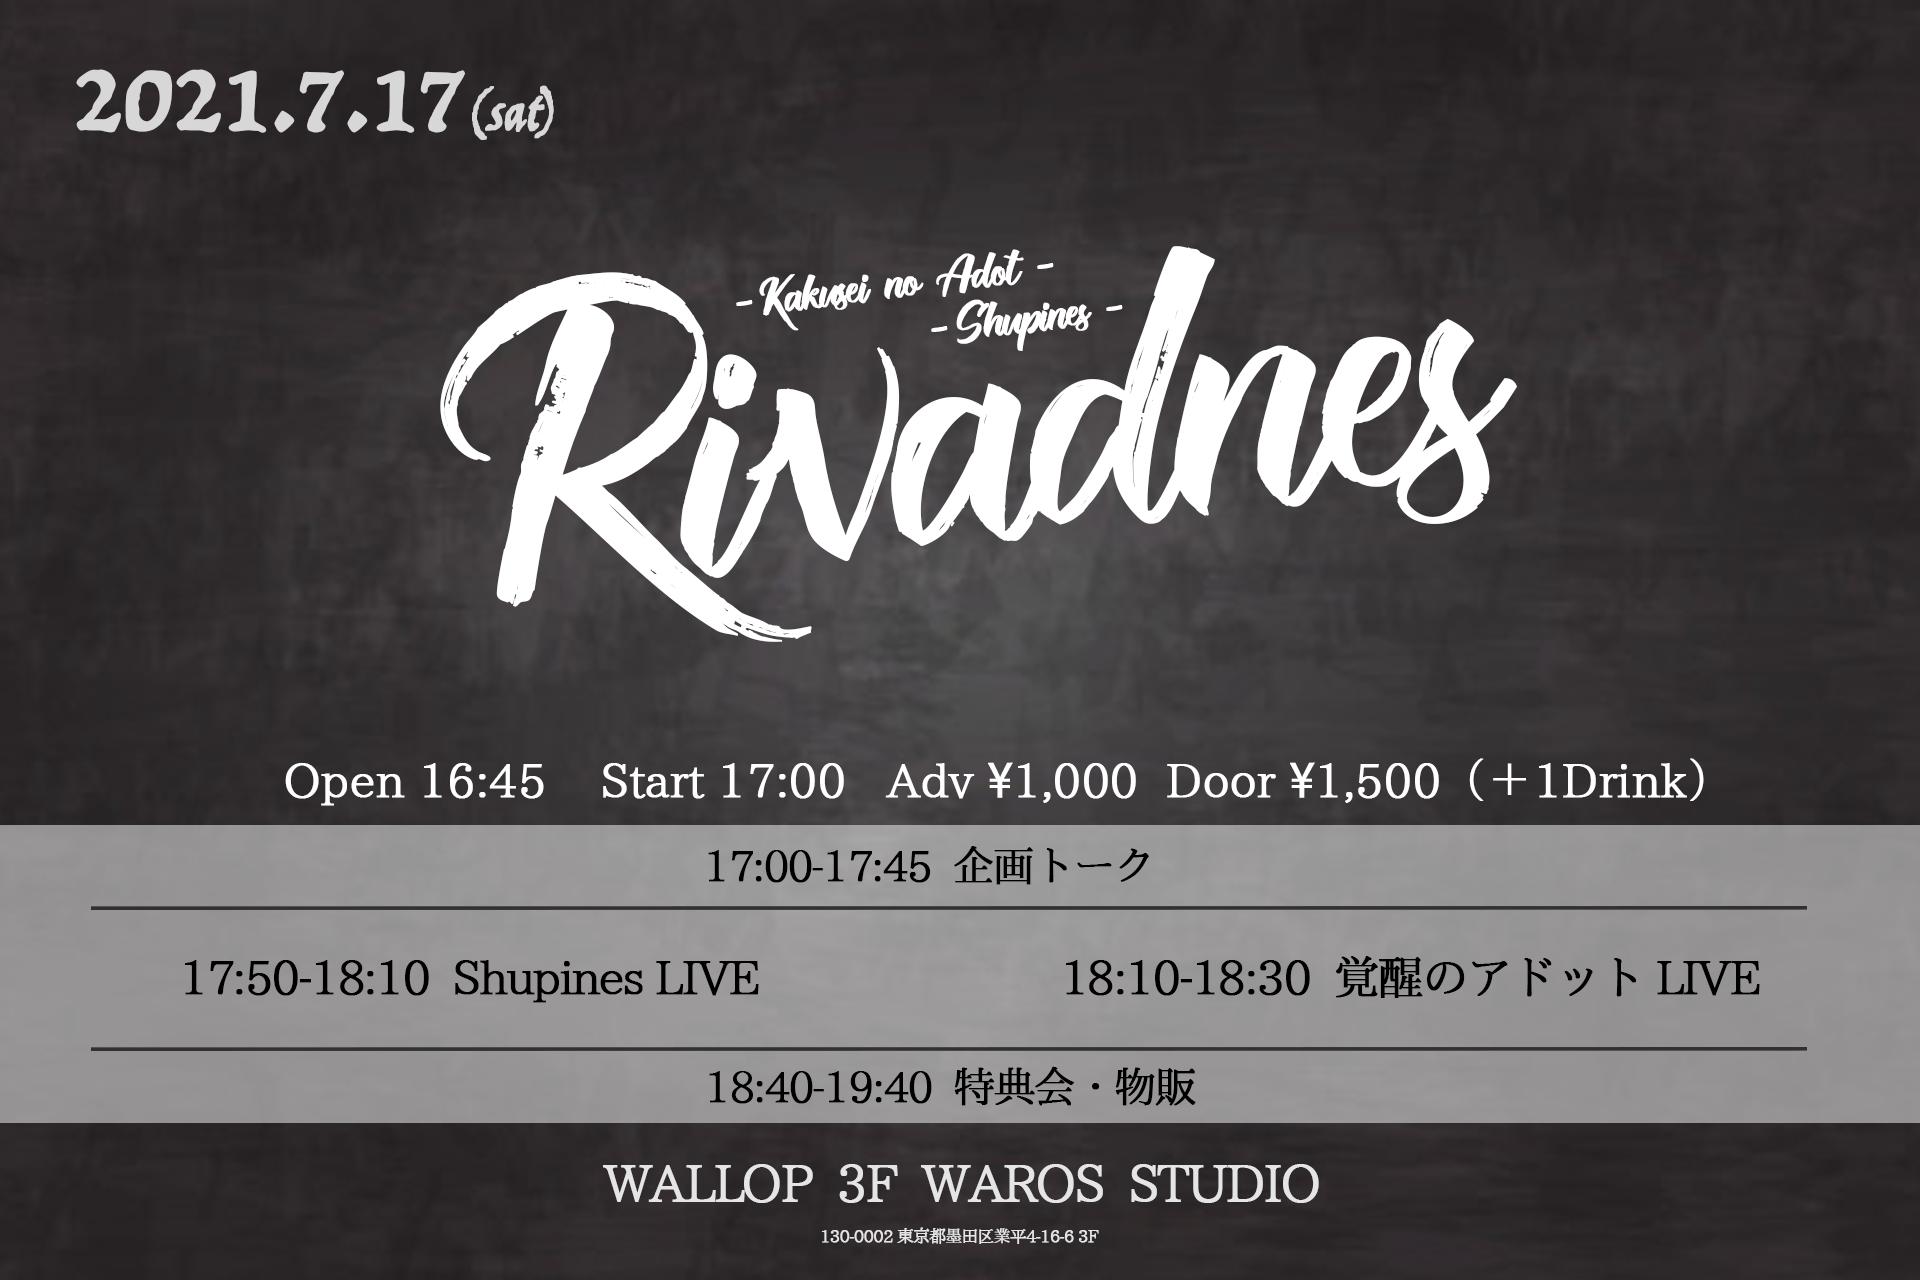 【2021/7/17】Rivadnes